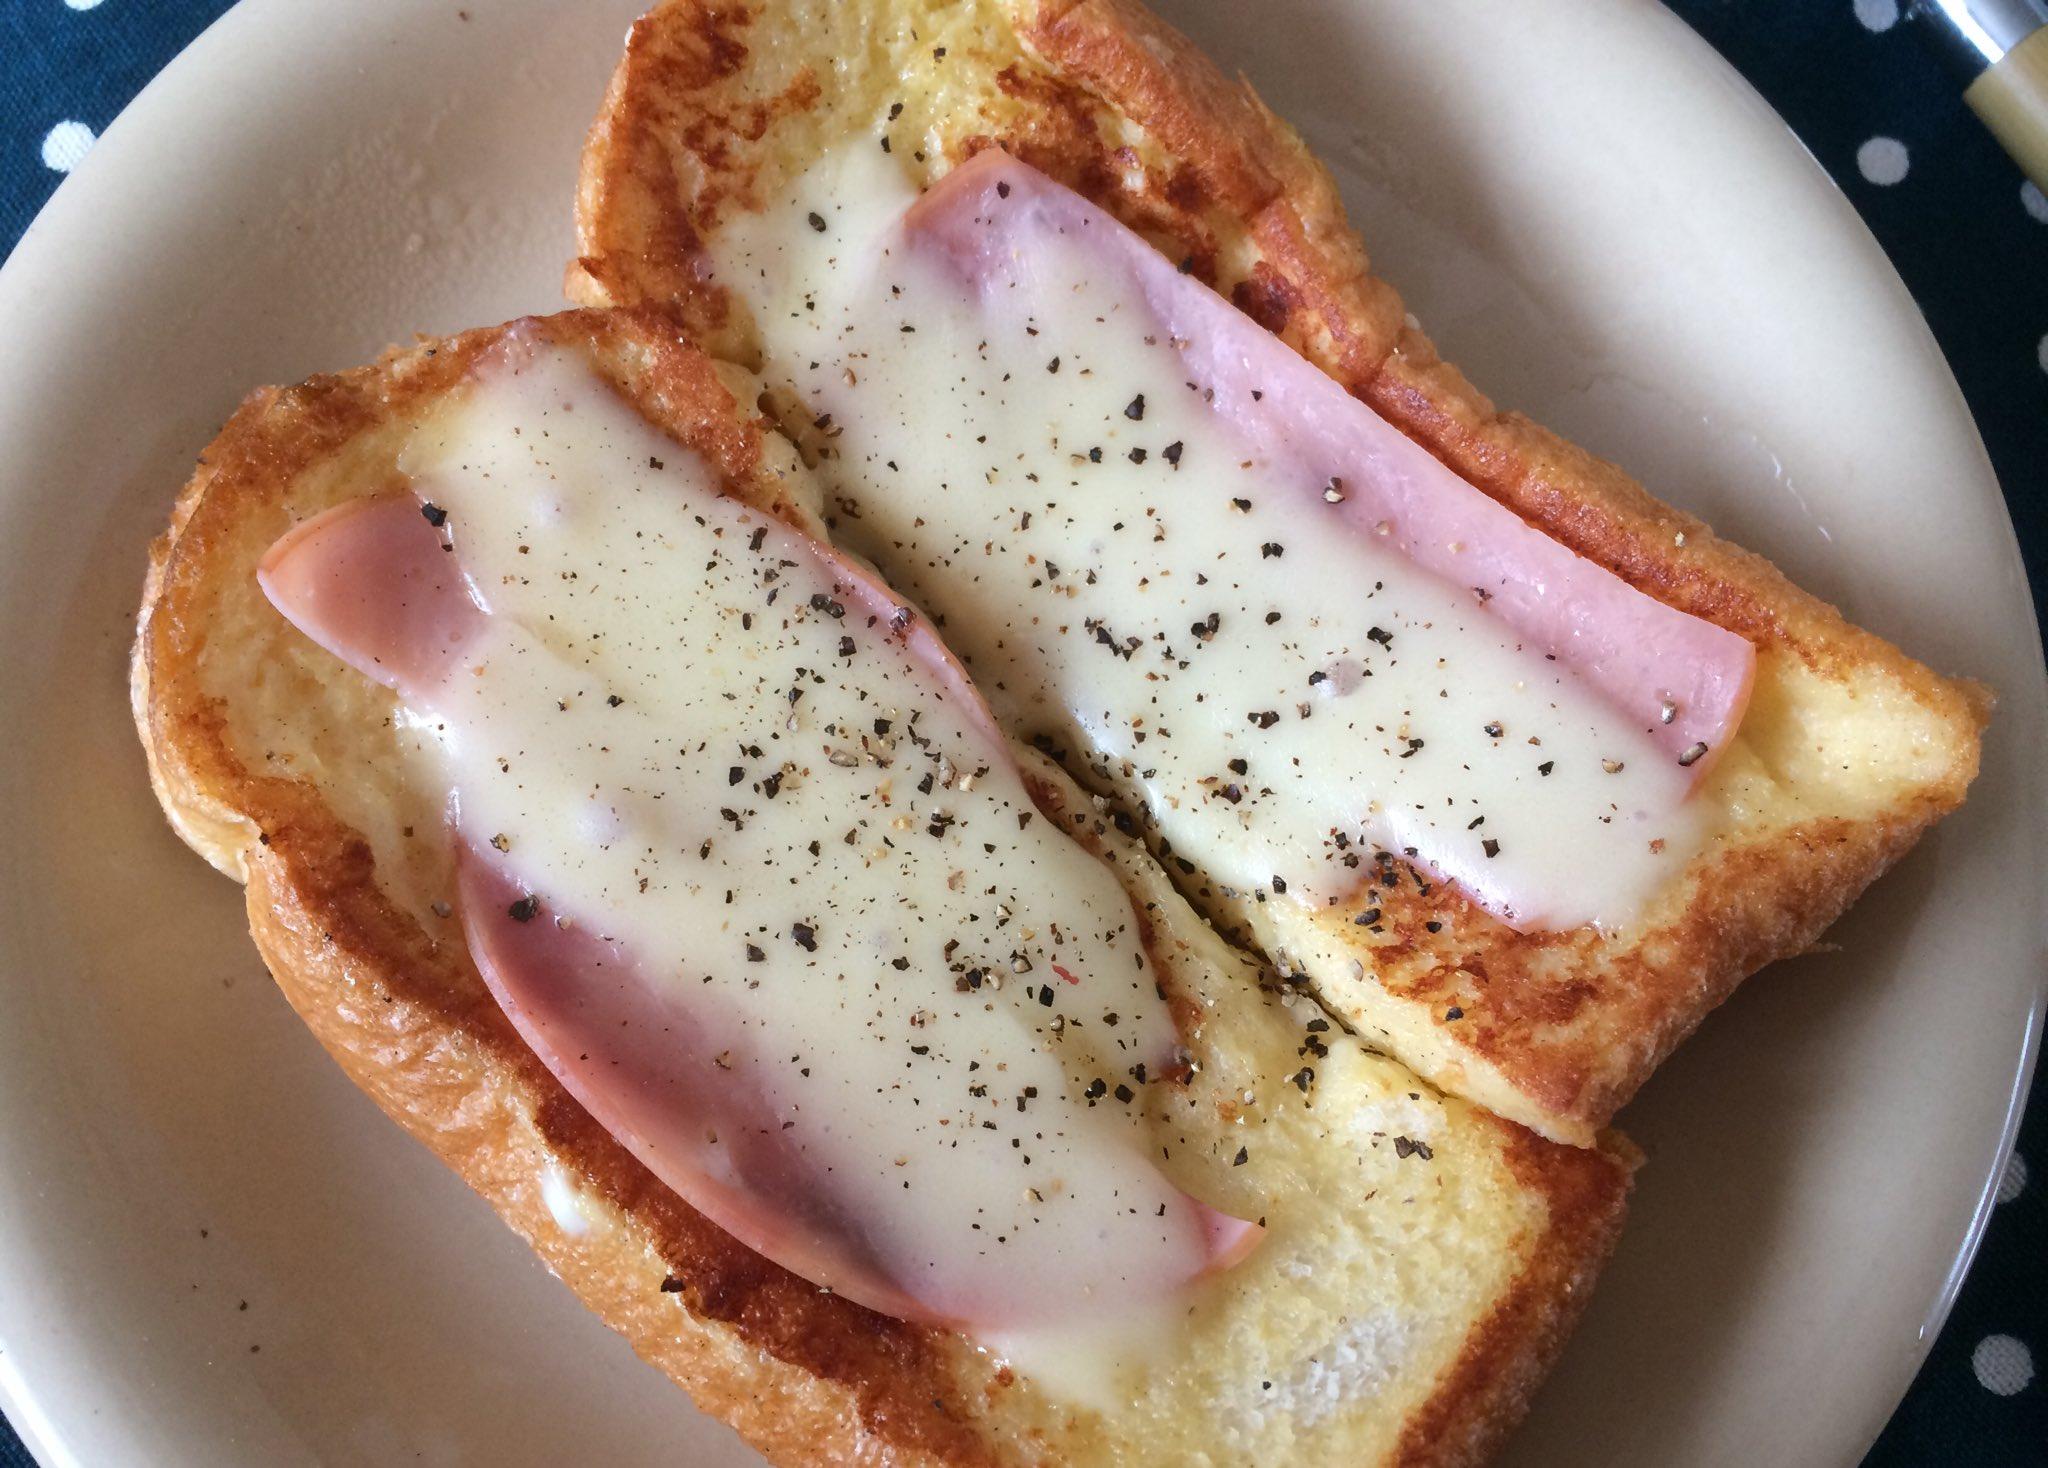 甘くないフレンチトーストが食べたくて、砂糖の代わりに粉チーズと塩胡椒を入れた液につけて、とろけるチーズとハムを乗せて焼いたらマジうまだった、ということを報告しておきますね